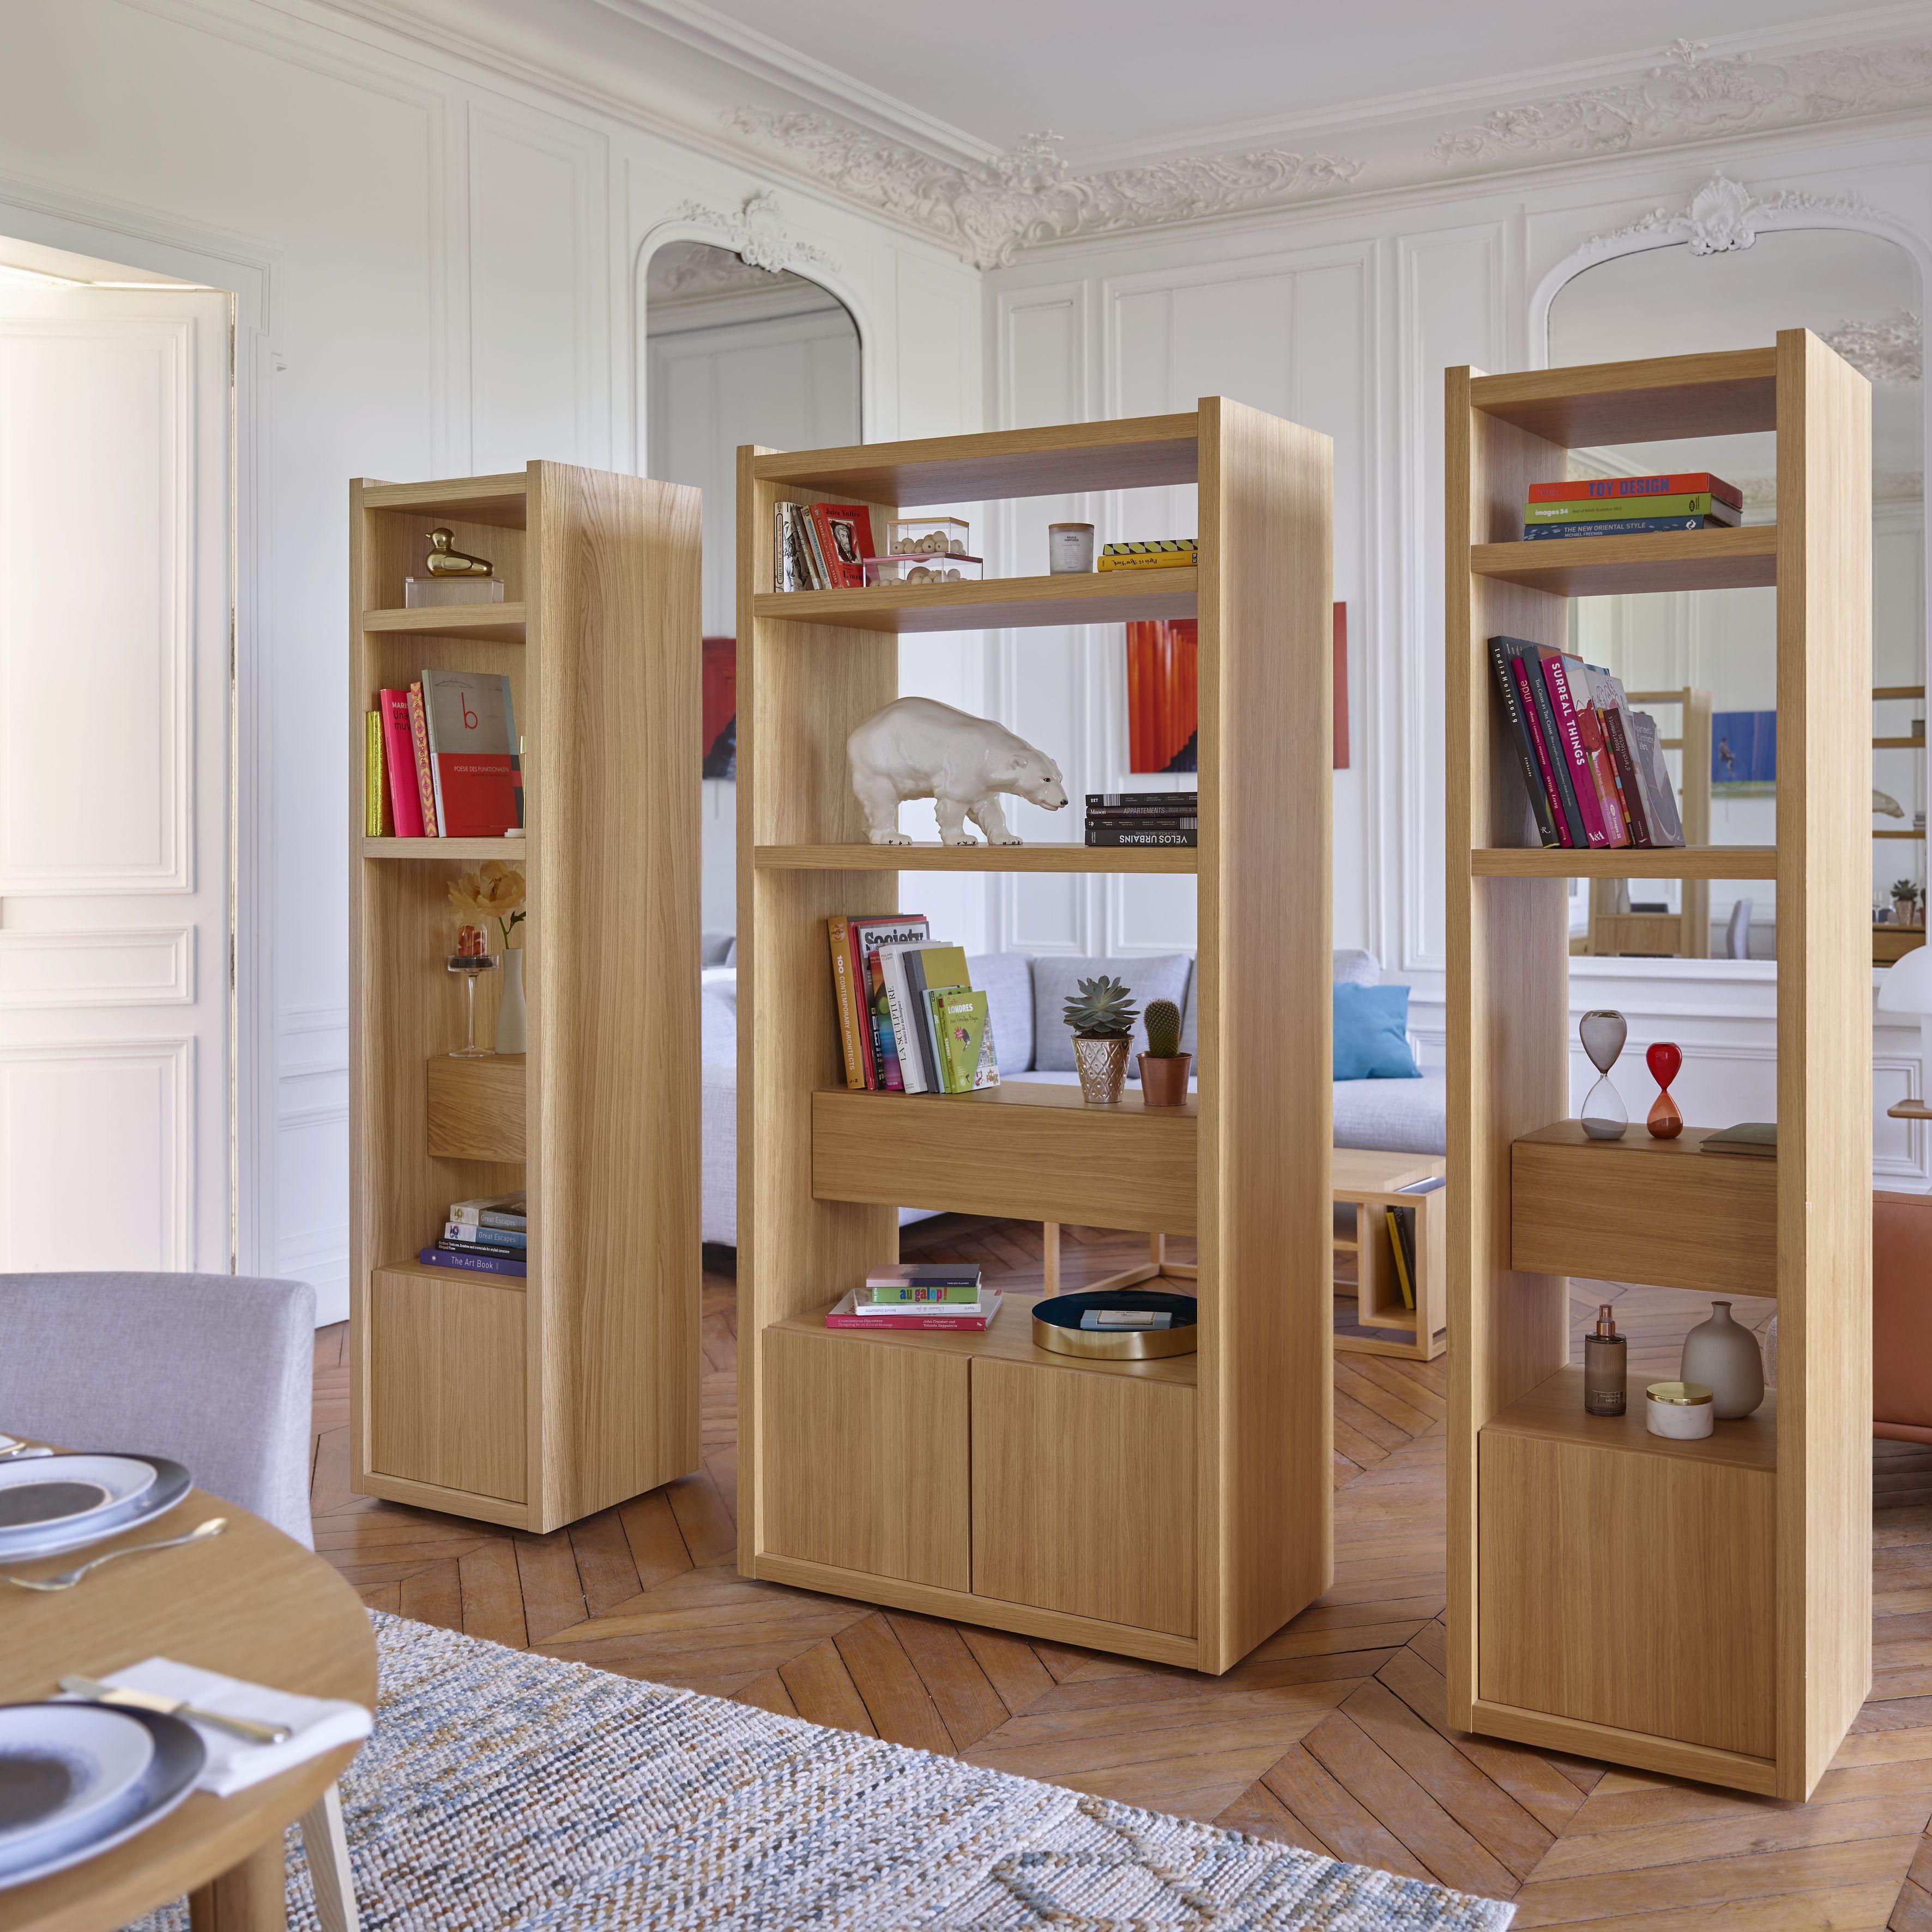 Habitat Design Genna Est Une Bibliotheque Qui A Ete Creee Par Le Studio De Design Habitat Pratique Et Etagere Chene Caisson De Rangement Bibliotheque Chene